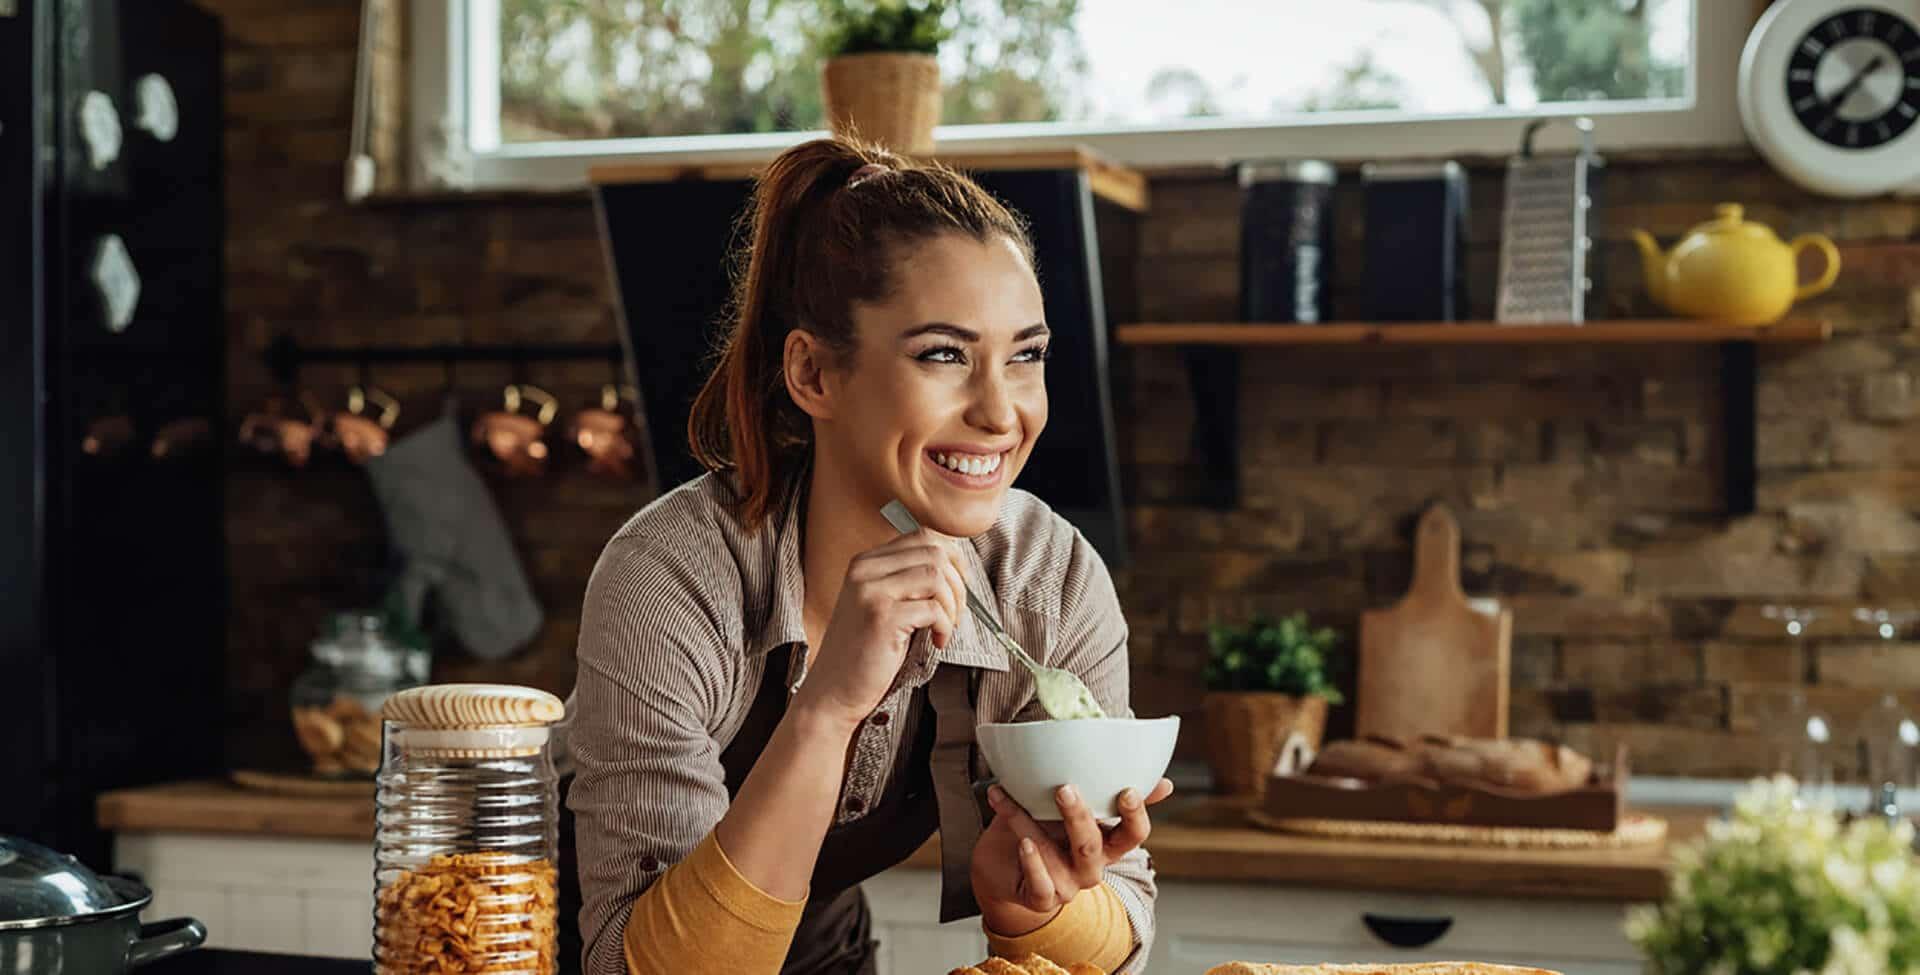 Jovem mulher sorridente, desfrutando ao fazer uma refeição na cozinha. Ela segura uma colher e uma tigela apoiada na bancada